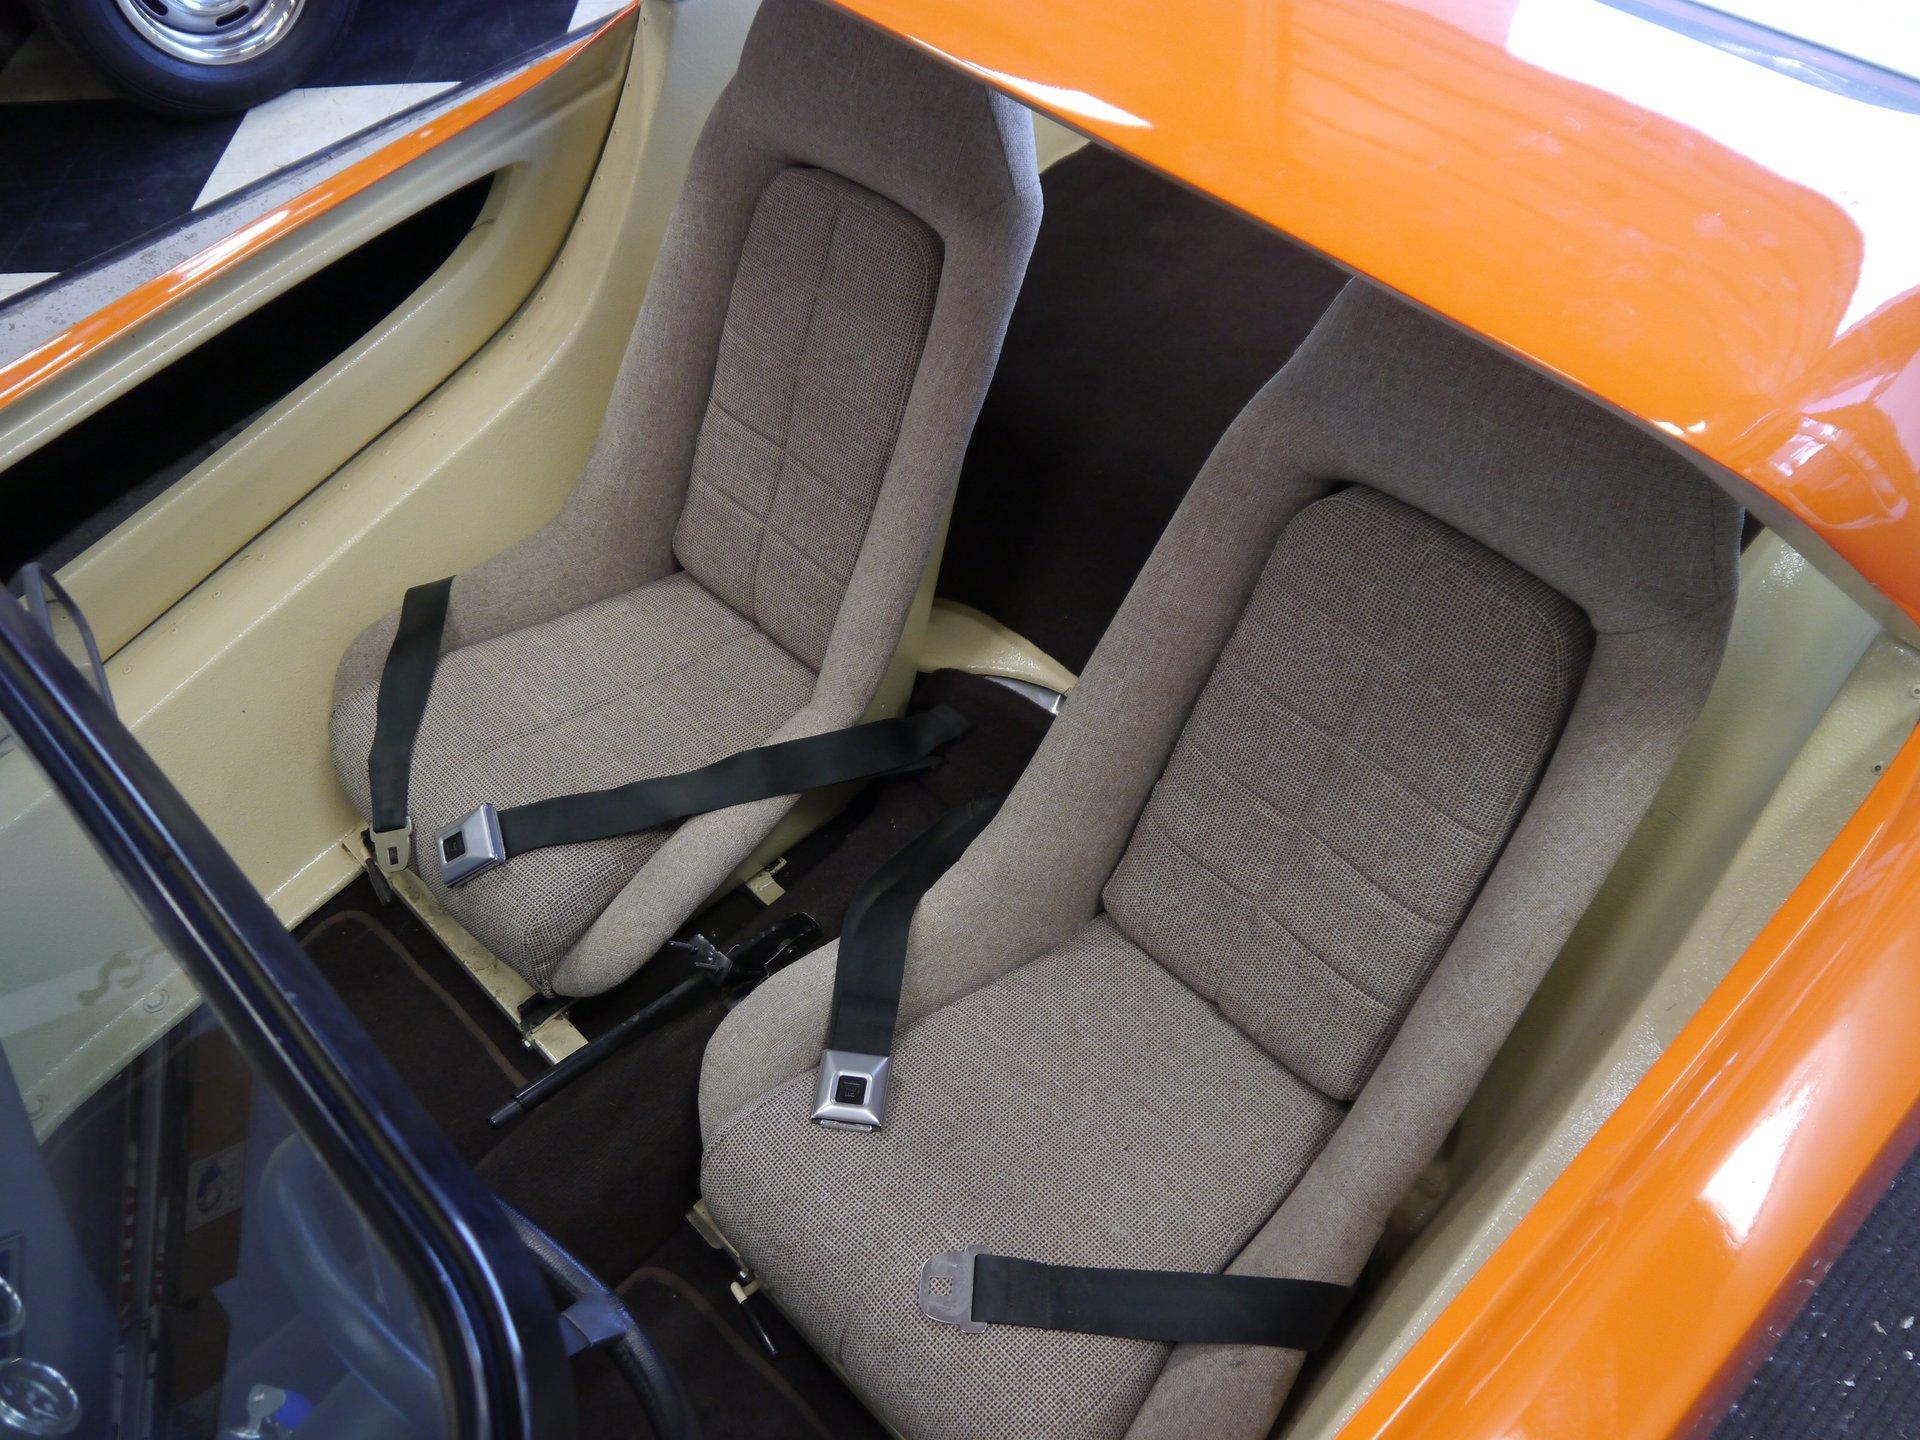 1970 Volkswagen Dune Buggy Manx SR2 for sale #91175 | MCG